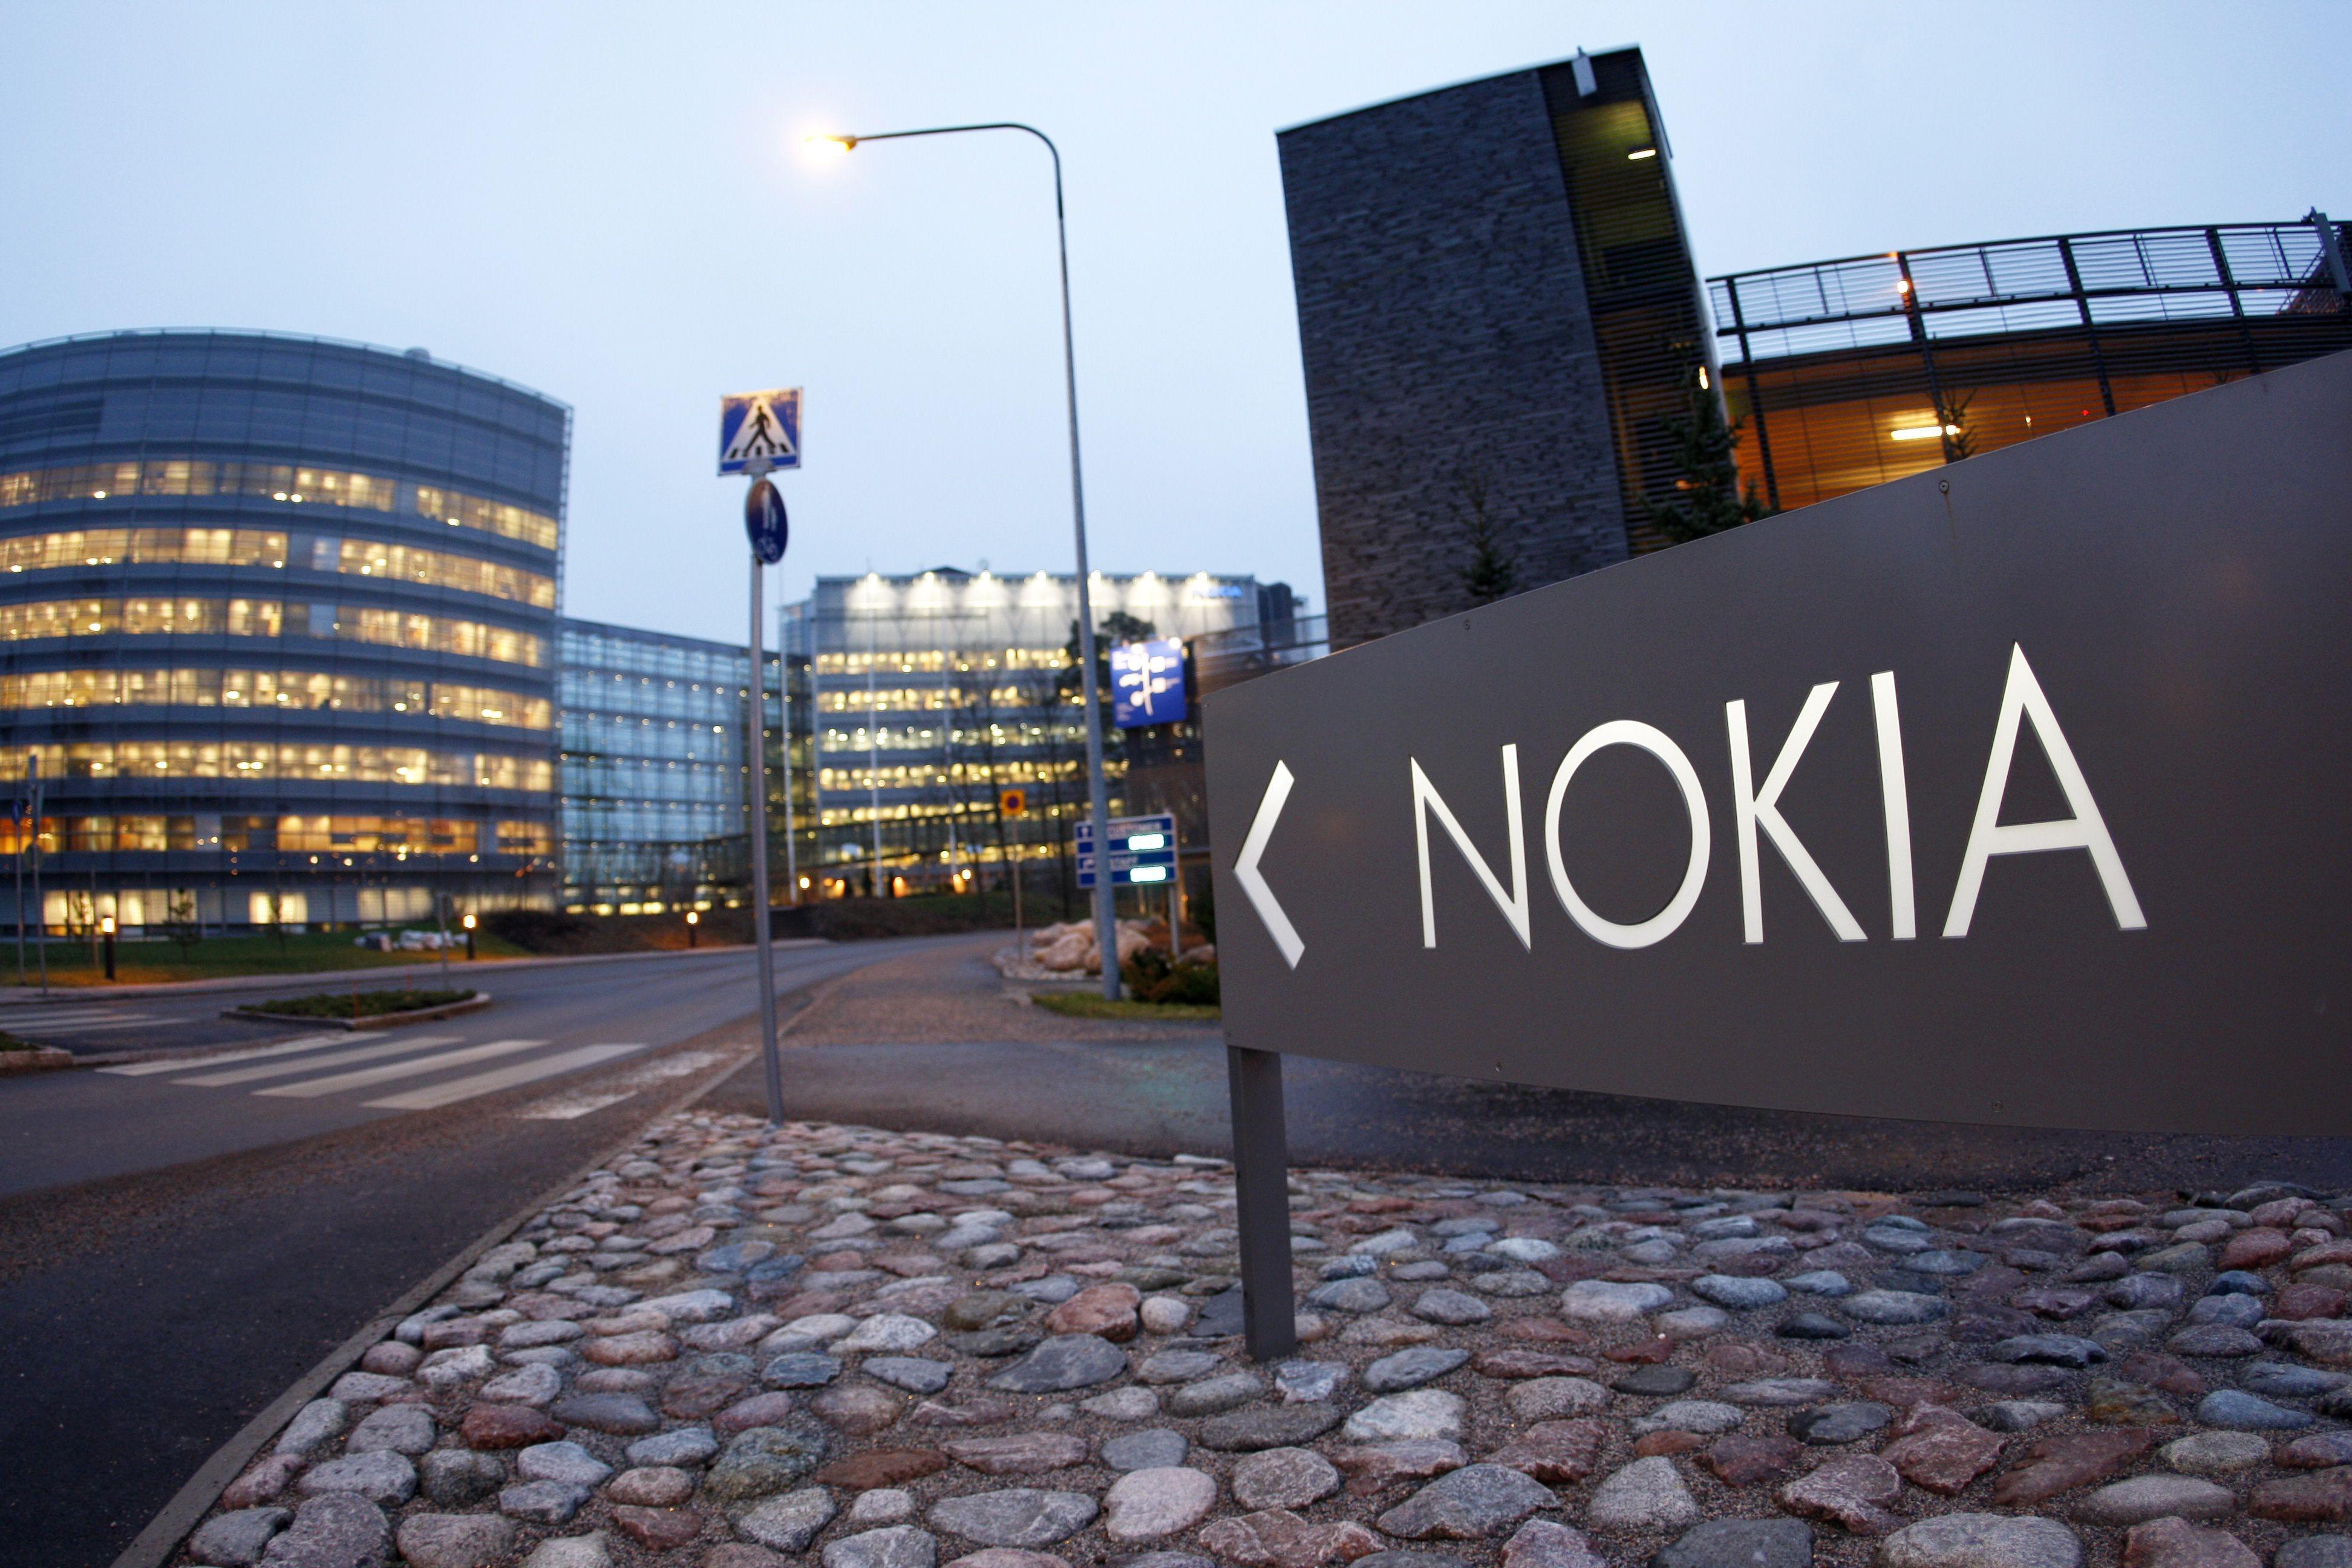 Нокиа выпустит мобильные телефоны с2K-дисплеем иSnapdragon 820